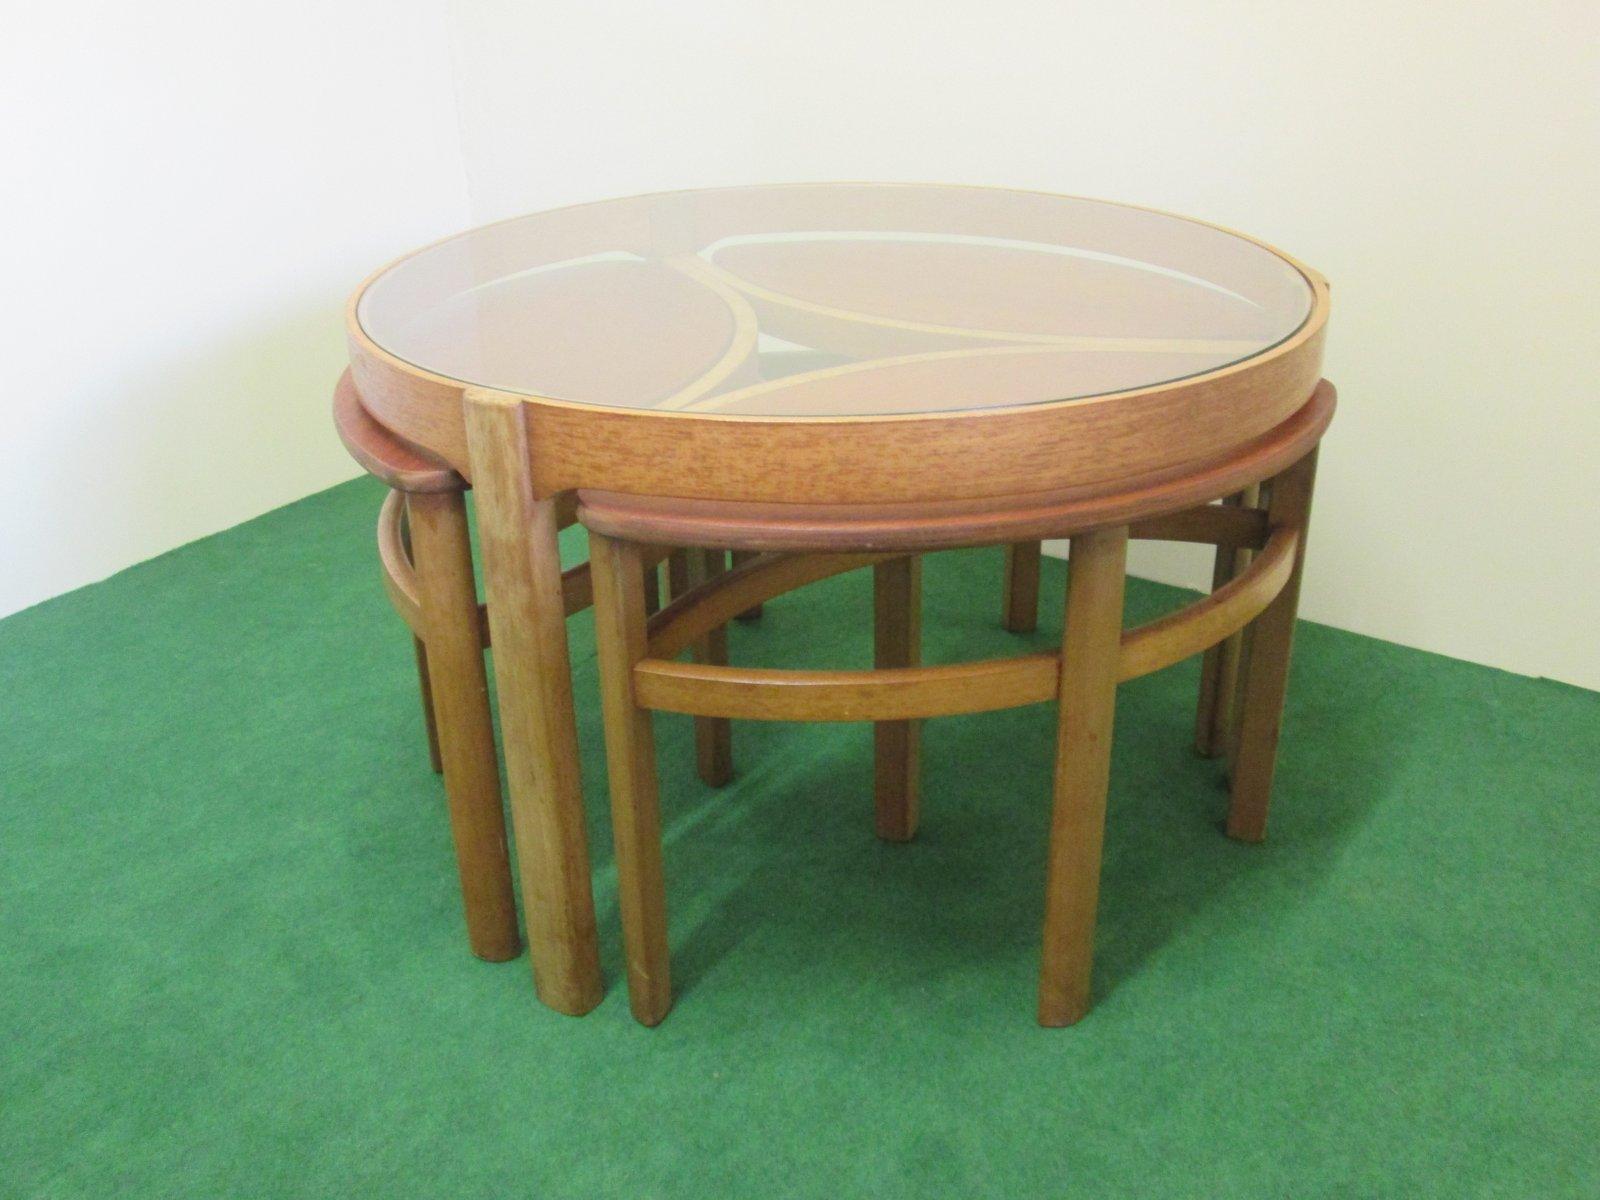 table basse ronde vintage en teck avec 3 tables gigognes ovales en vente sur pamono. Black Bedroom Furniture Sets. Home Design Ideas